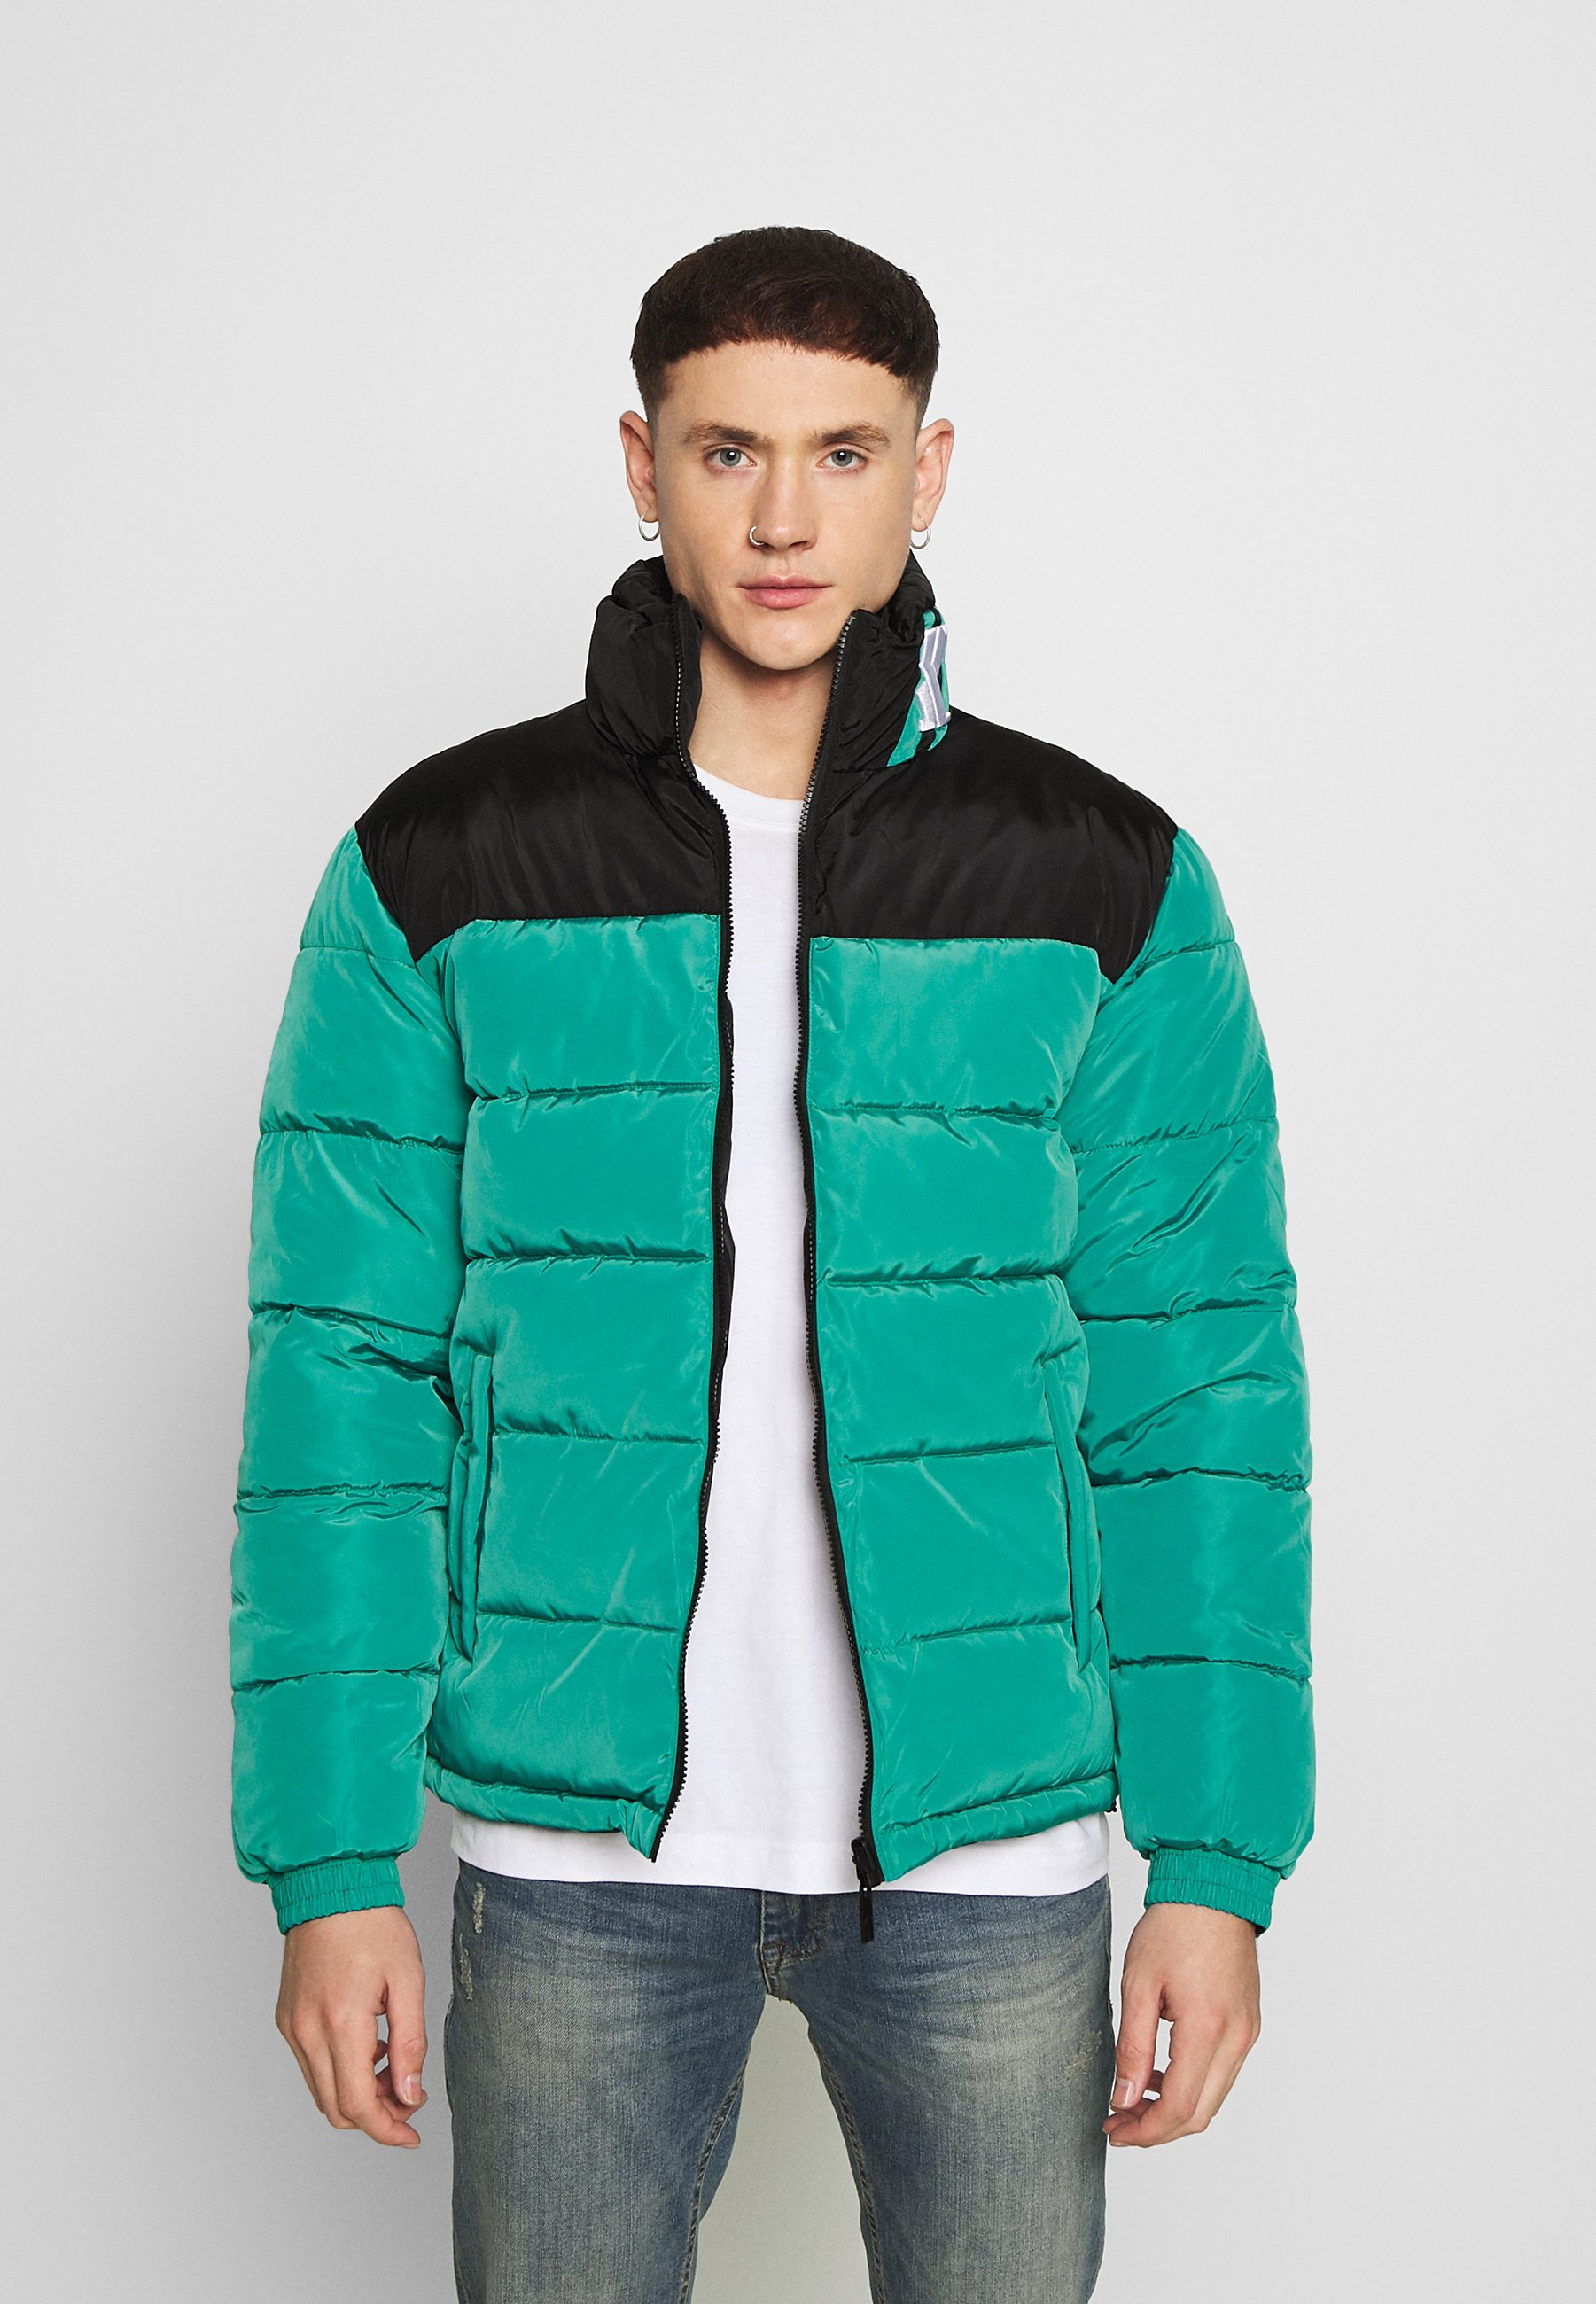 Jacken für Herren versandkostenfrei online | ZALANDO